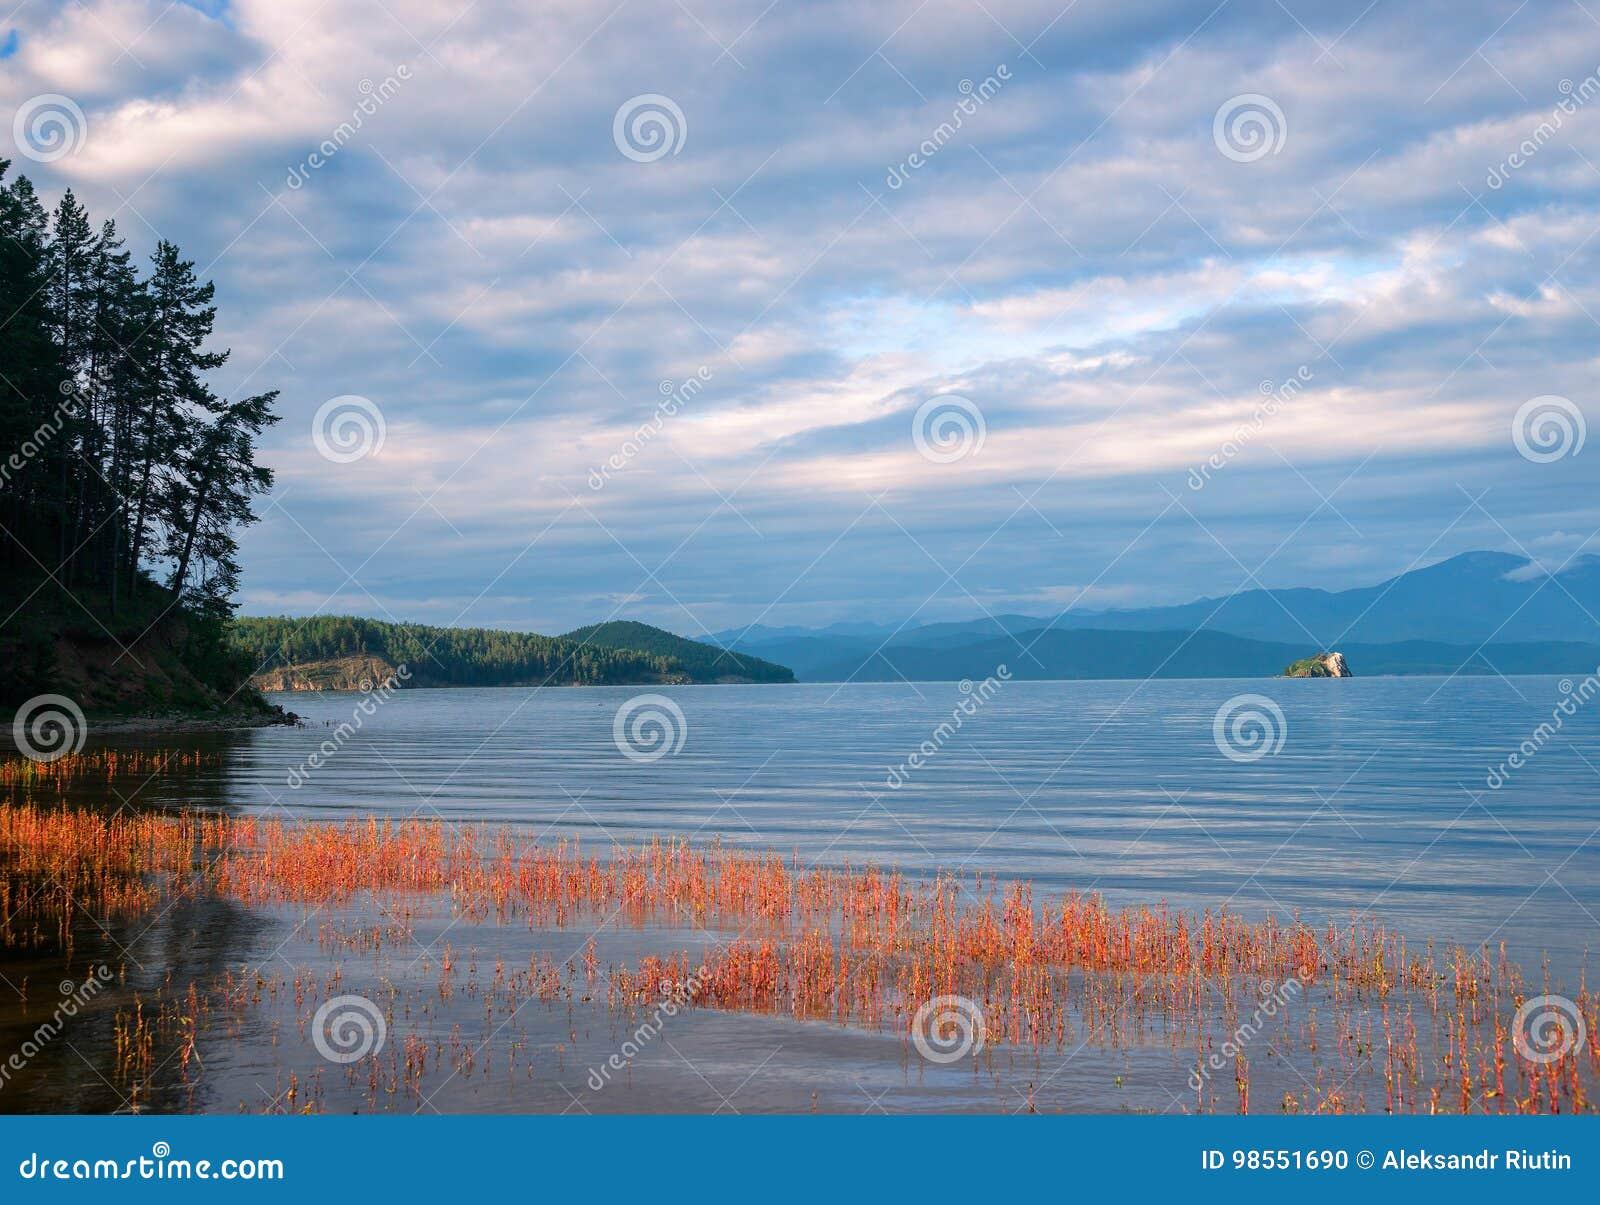 Chivyrkuisky Bay on Lake Baikal 95